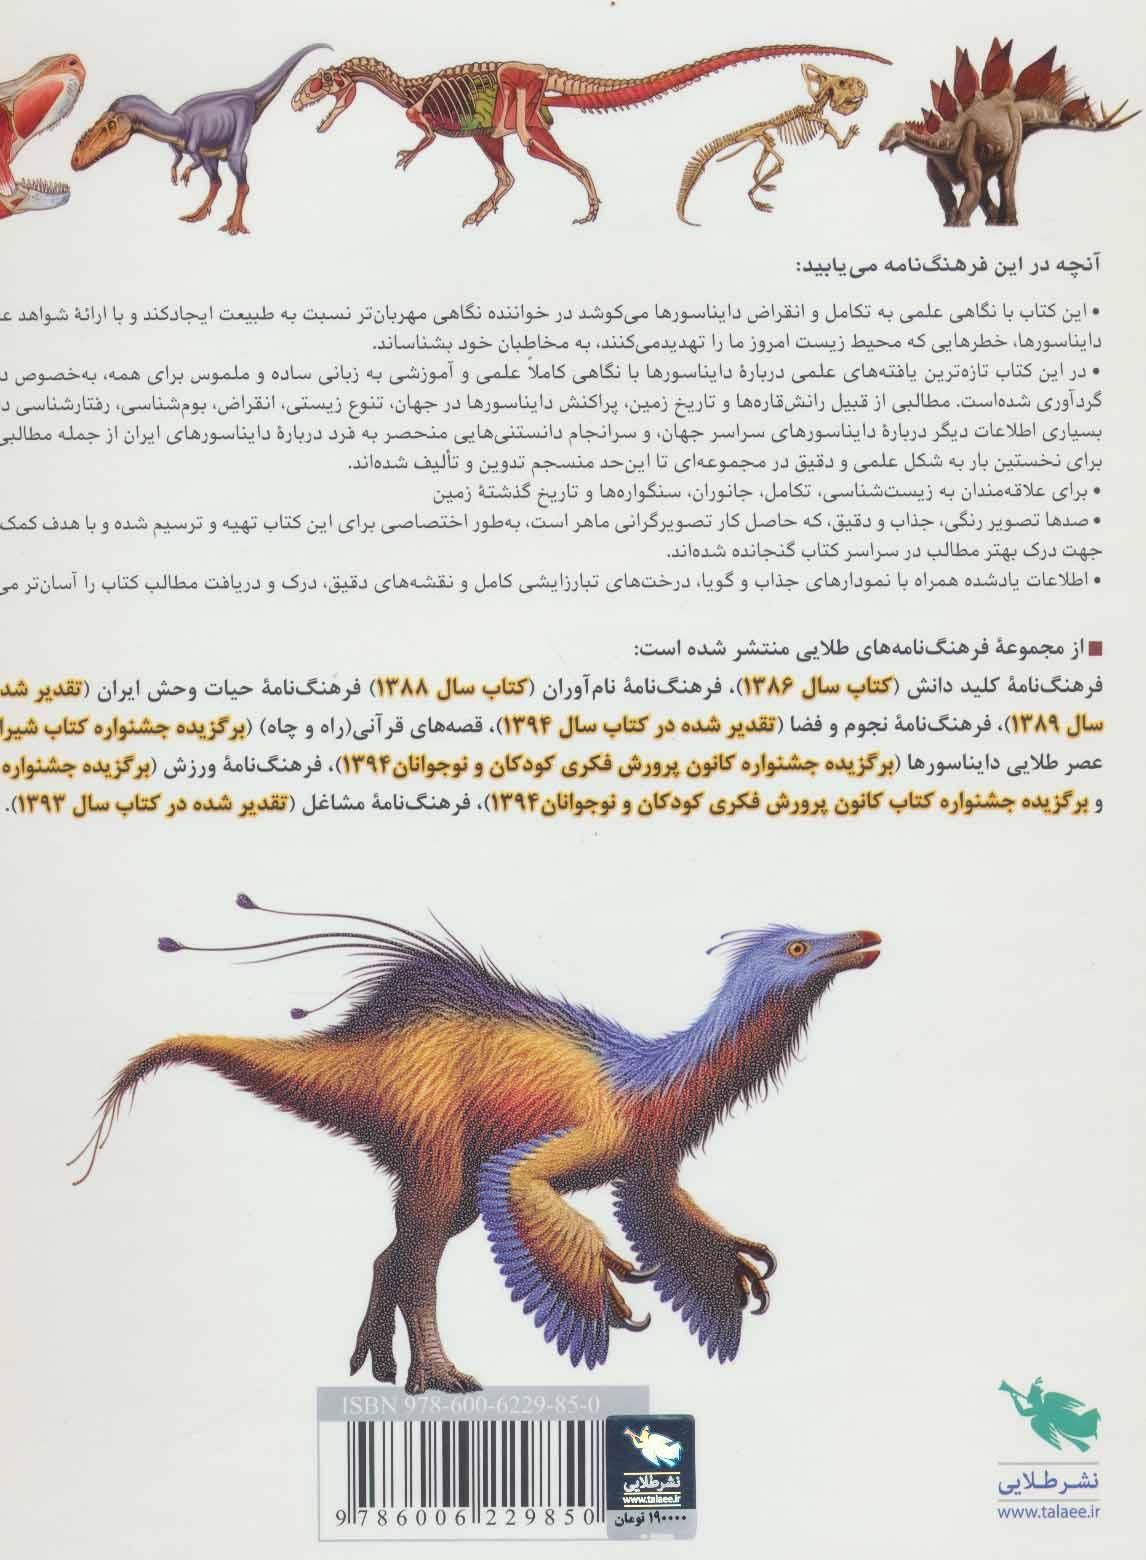 فرهنگ نامه دایناسورها (شناخت نامه جامع دایناسورهای ایران و جهان)،(گلاسه)